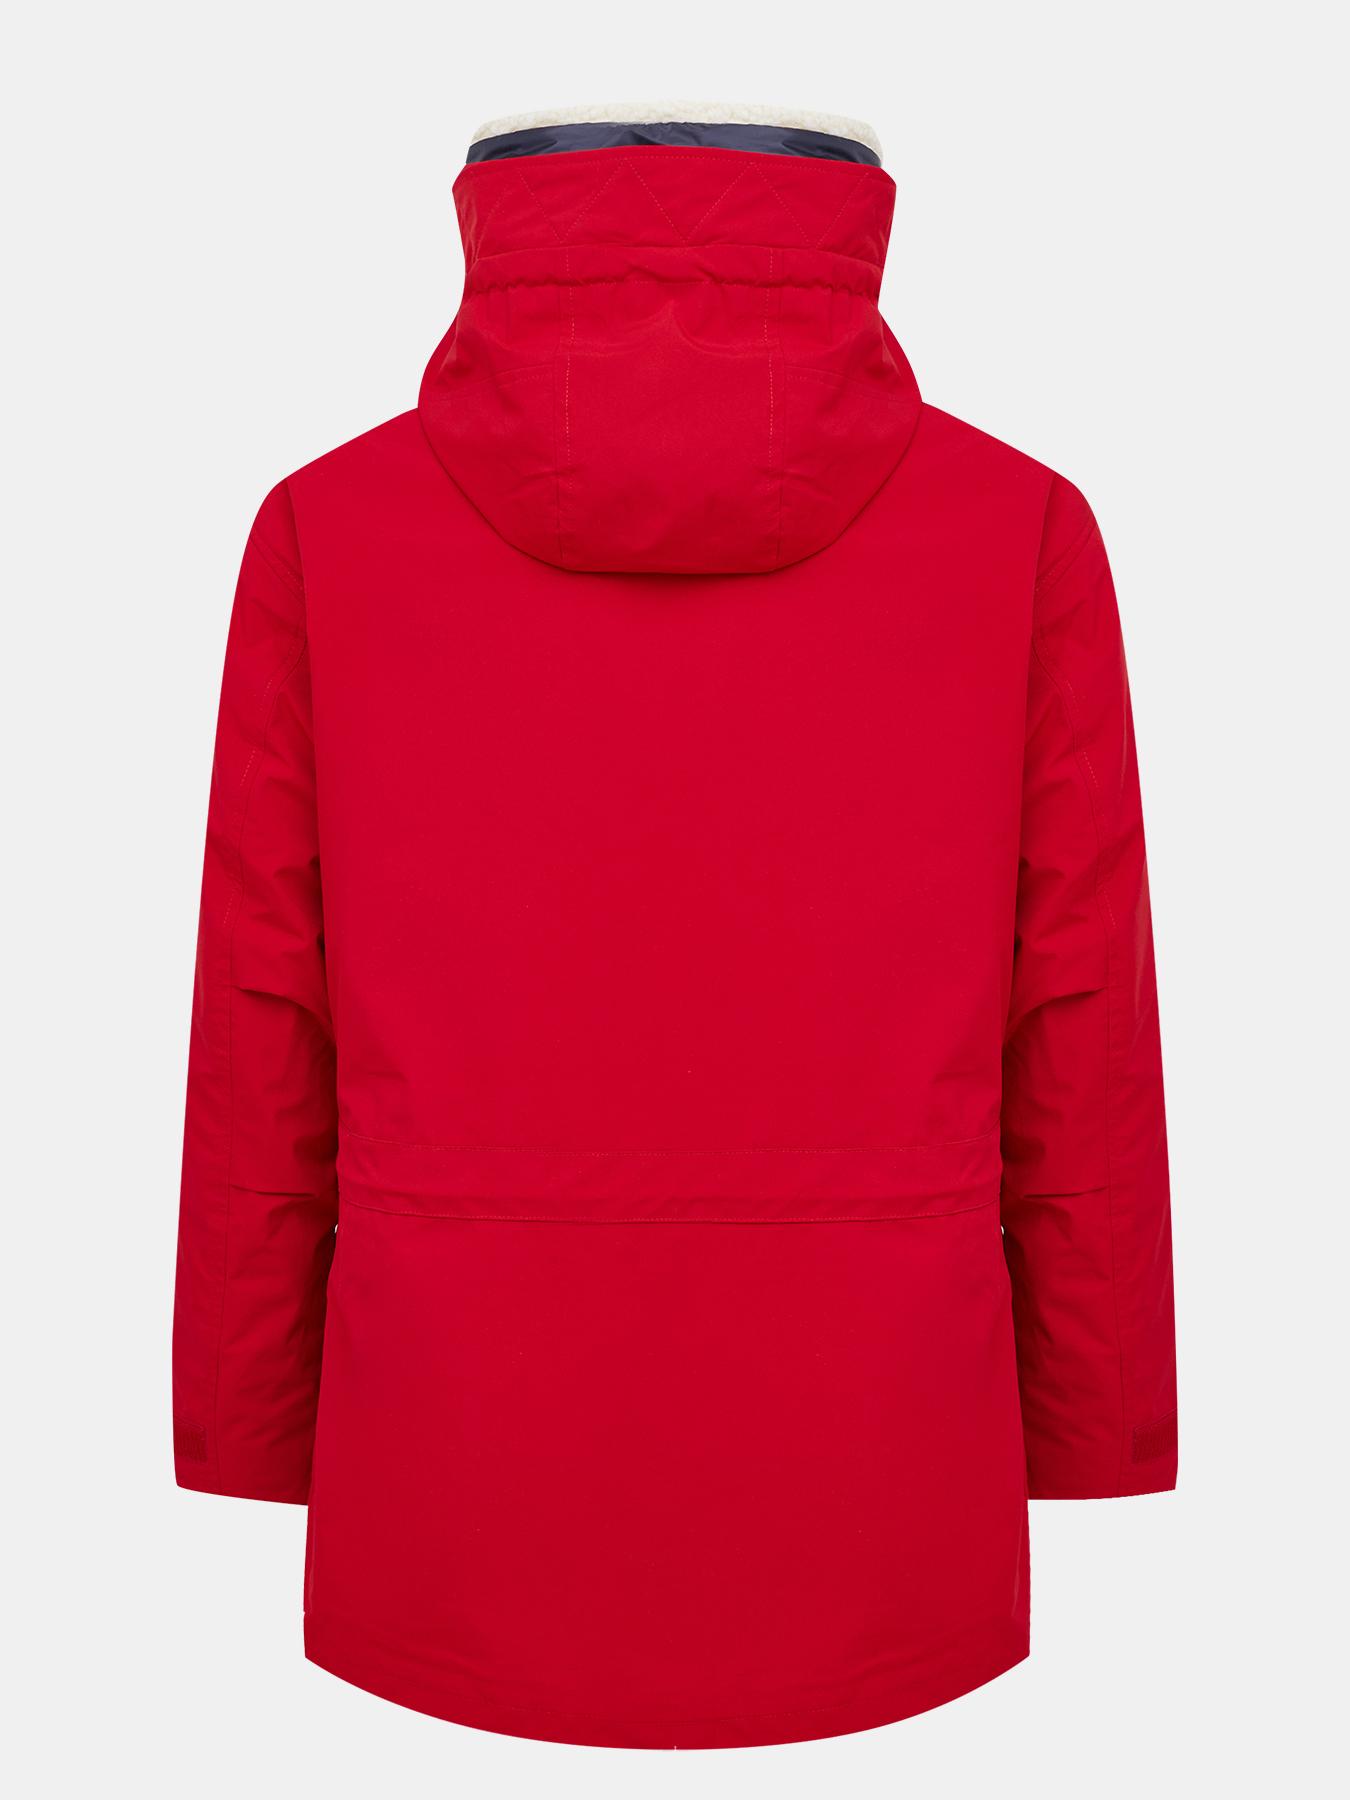 Tommy Hilfiger Мужская куртка 2 в 1 фото